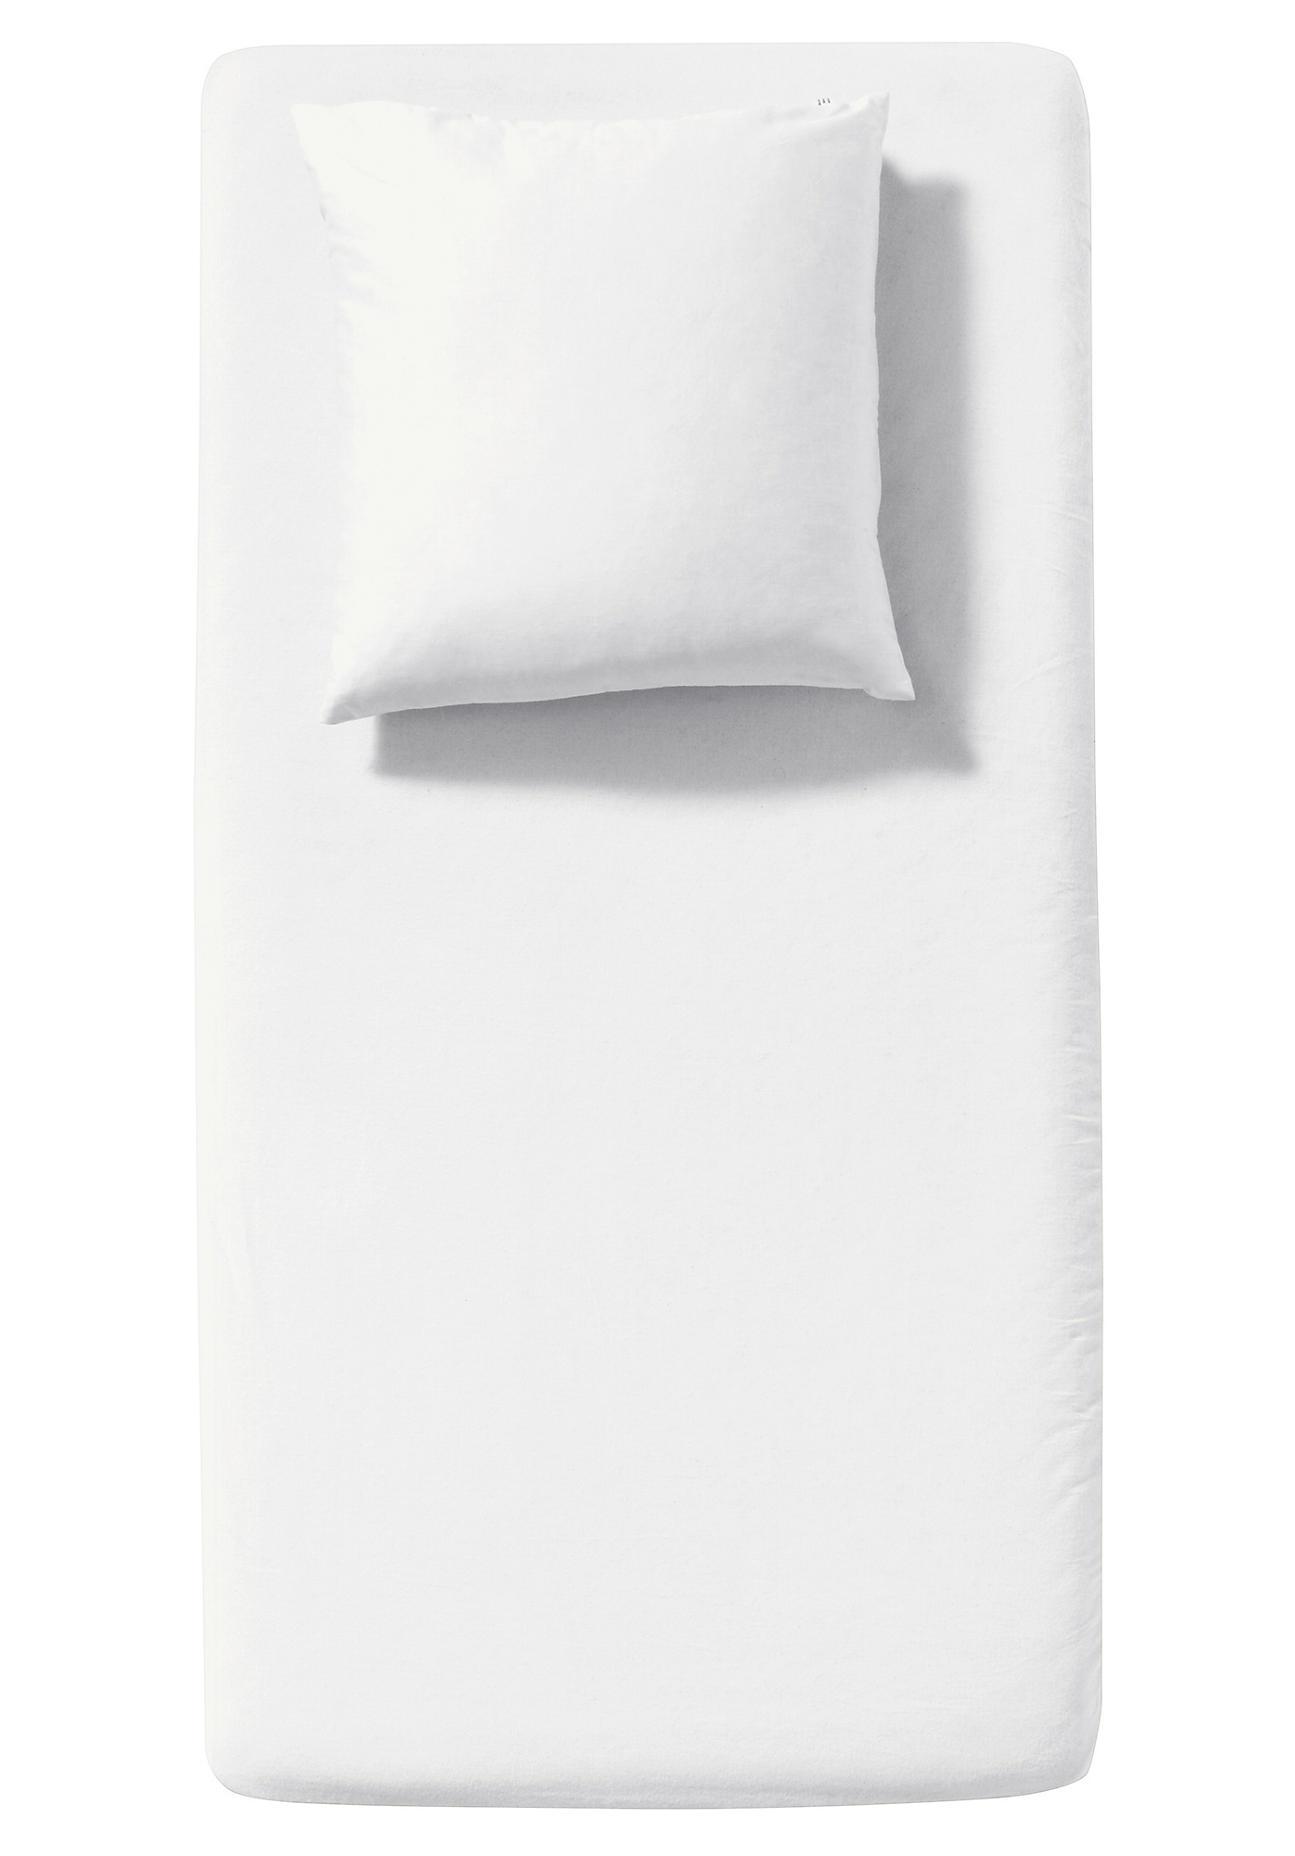 Image of hessnatur Baby Kinder Biber-Spannbettlaken aus Bio-Baumwolle – weiß – Größe 45x90cm-50x95cm